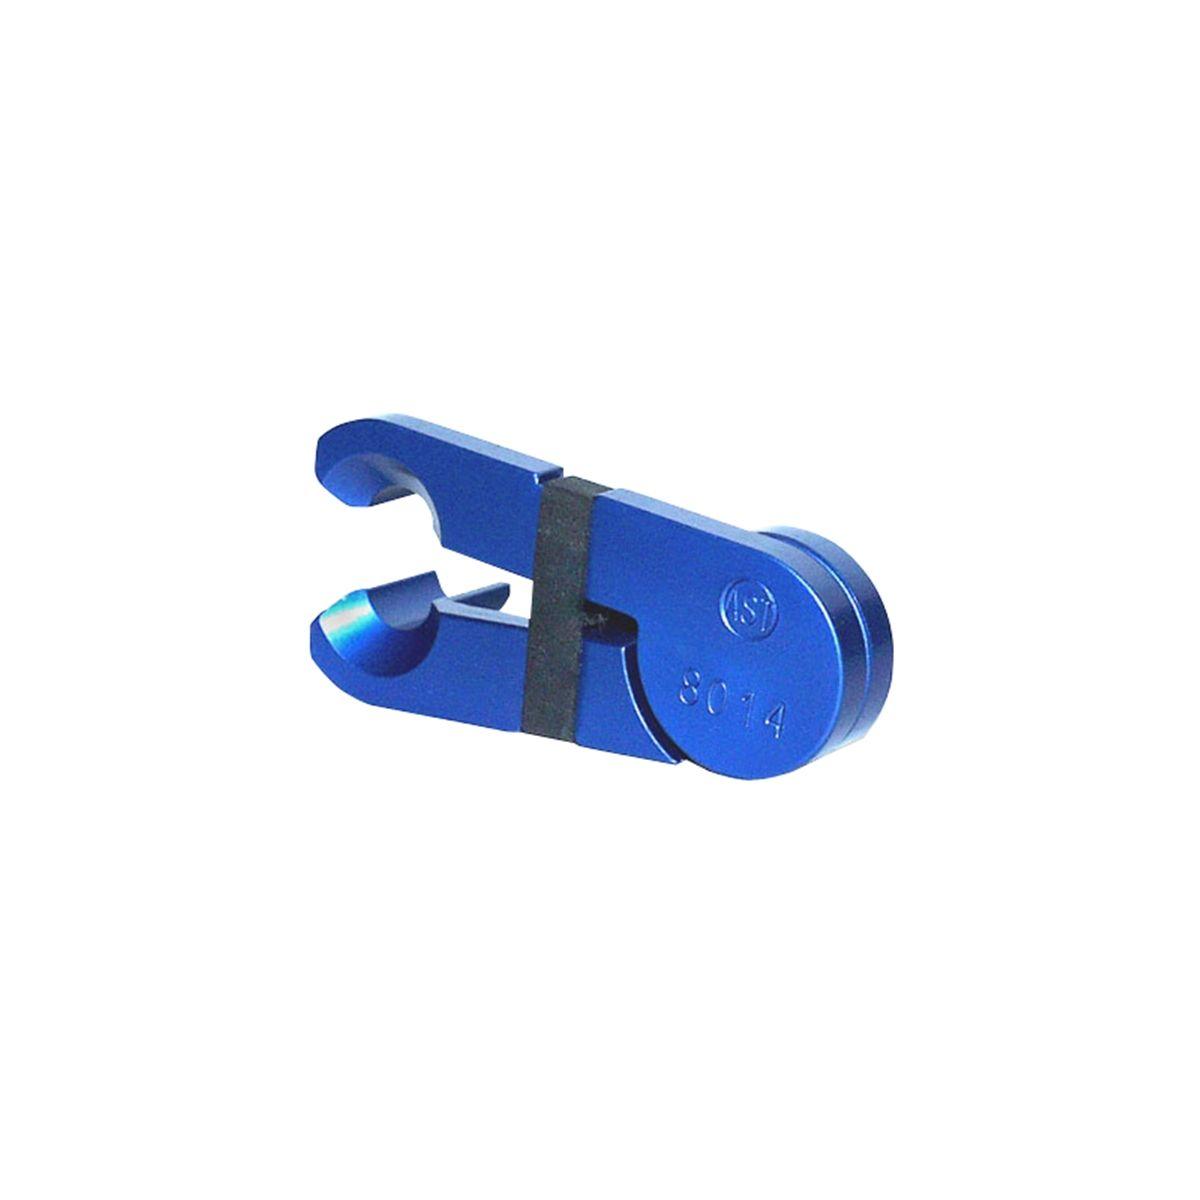 Assenmacher 8021 Oil Cooler Liner Remover Tool